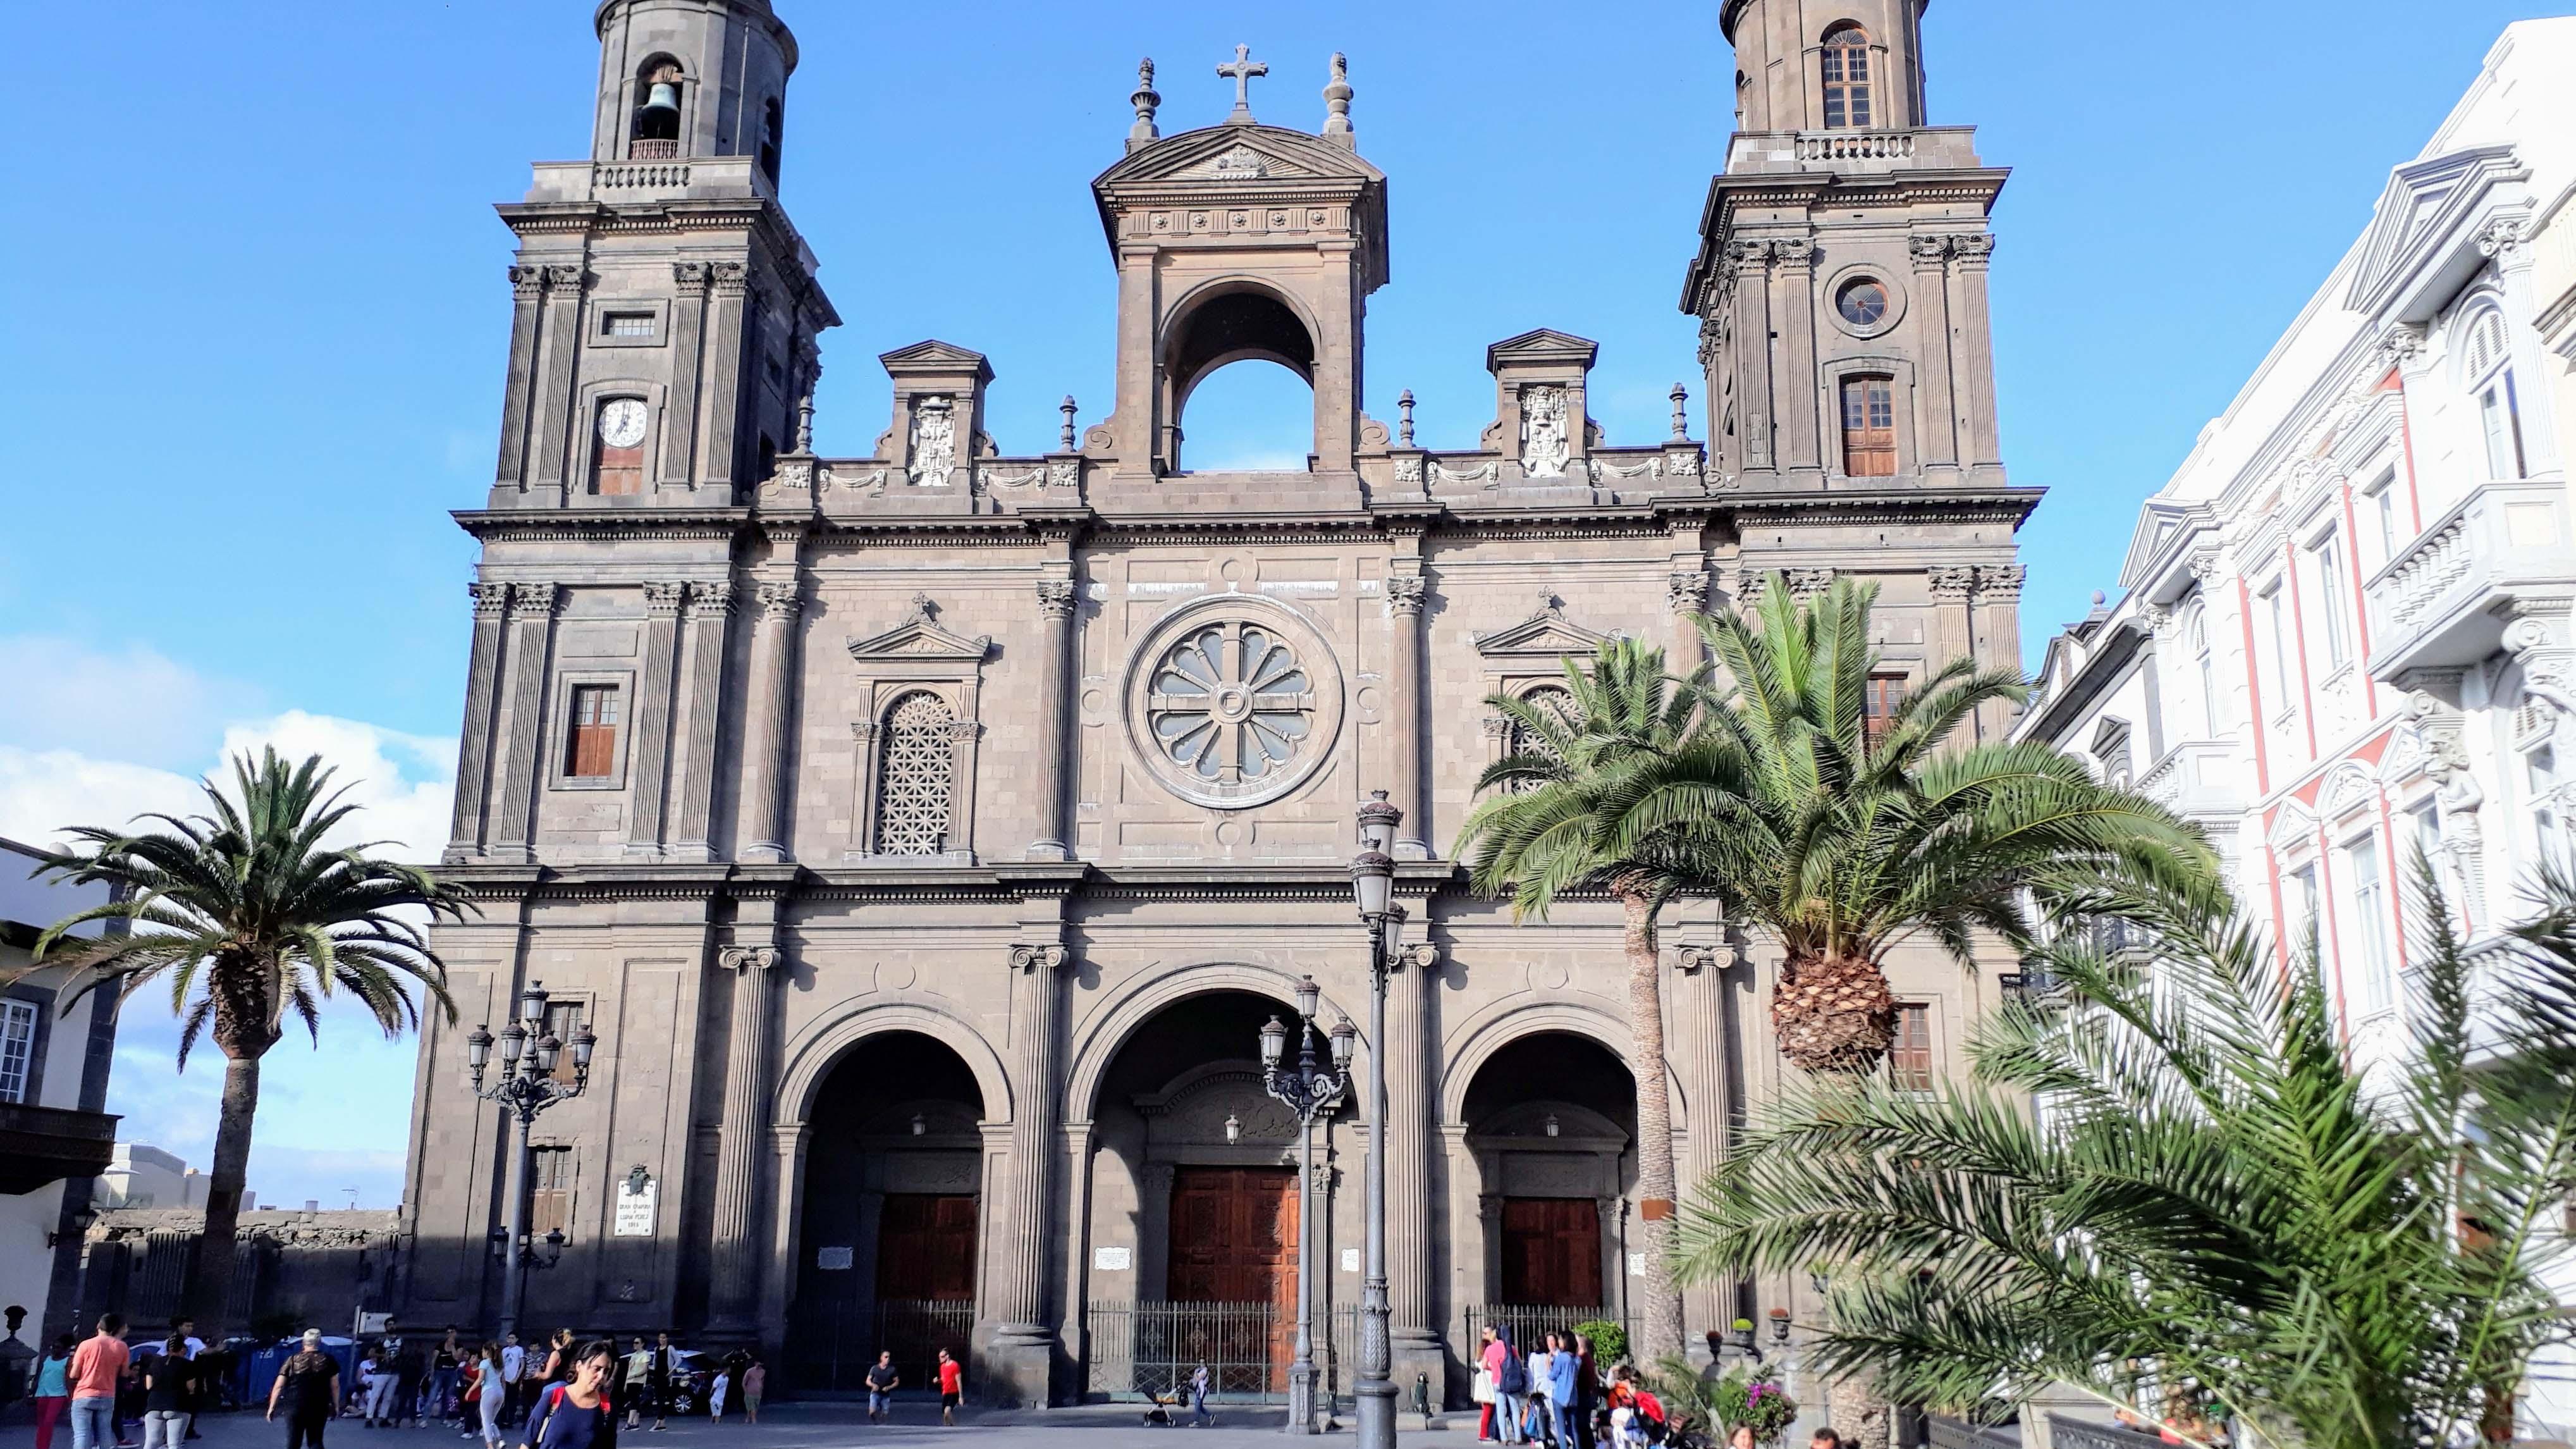 Santa Ana Kathedrale in Las Palmas de Gran Canaria